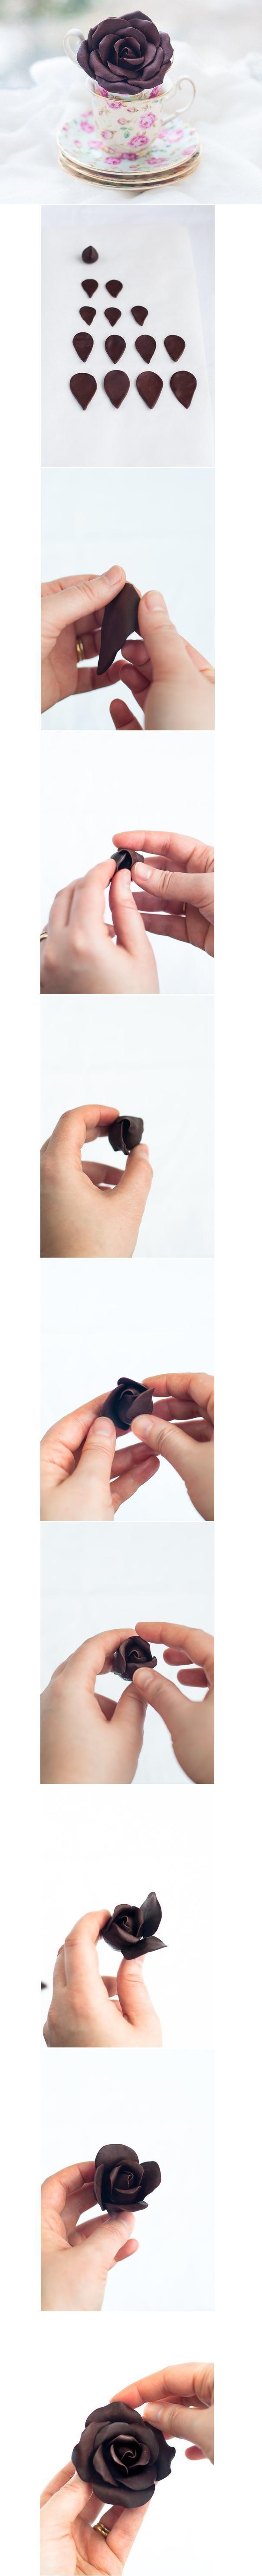 DIY Pretty Polymer Clay Rose DIY Projects | UsefulDIY.com